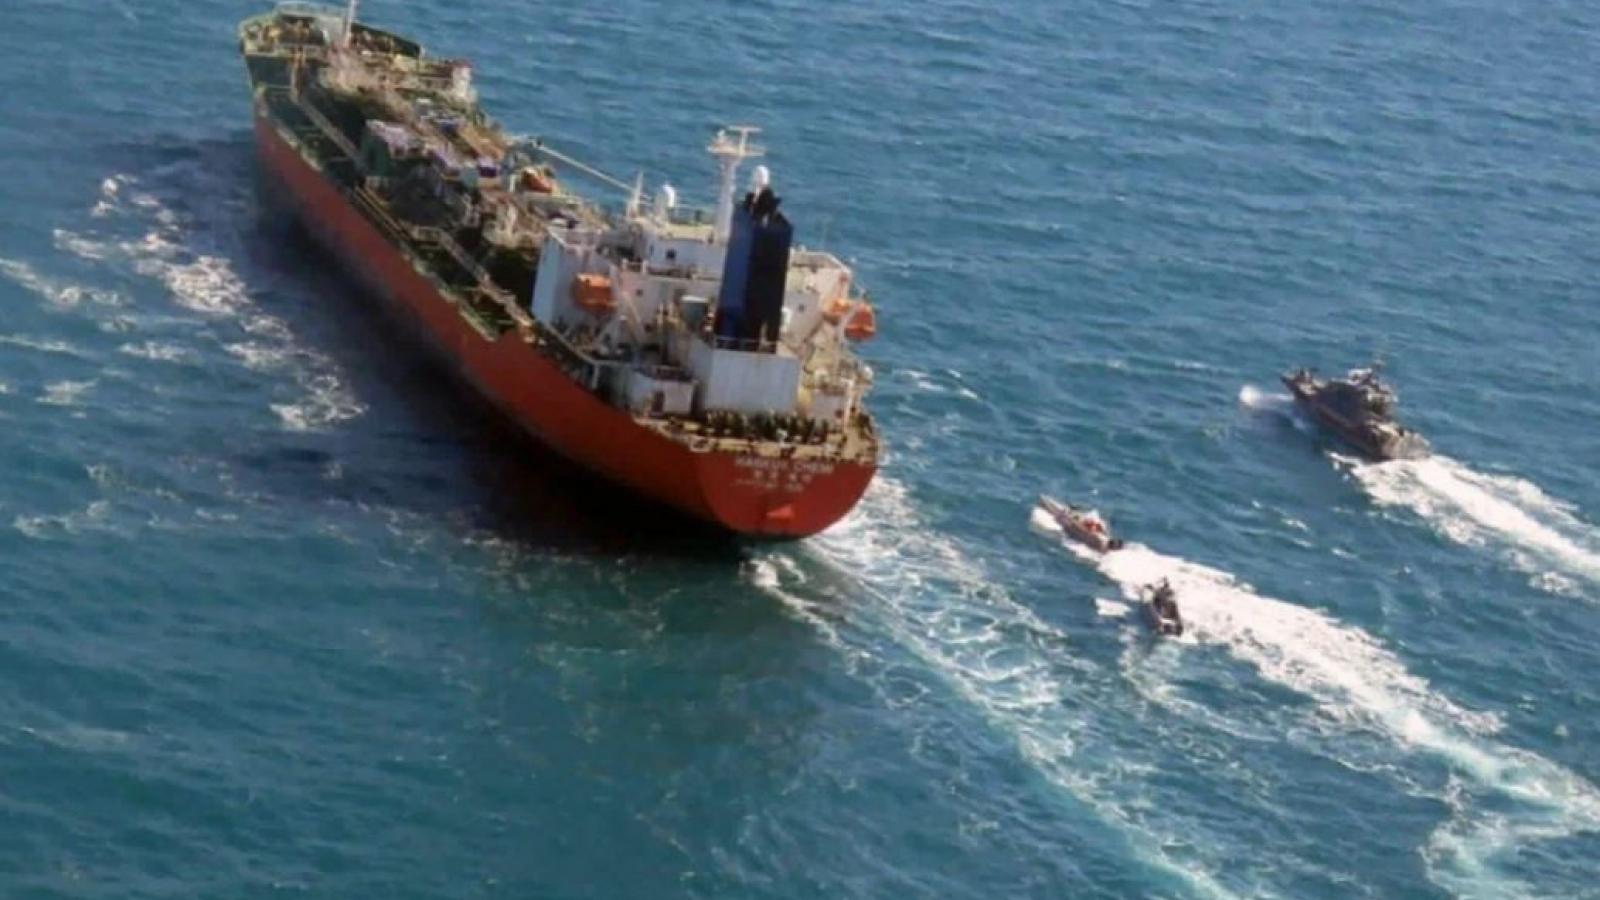 Iran thả toàn bộ thủy thủ đoàn trên tàu chở dầu Hàn Quốc bị bắt giữ